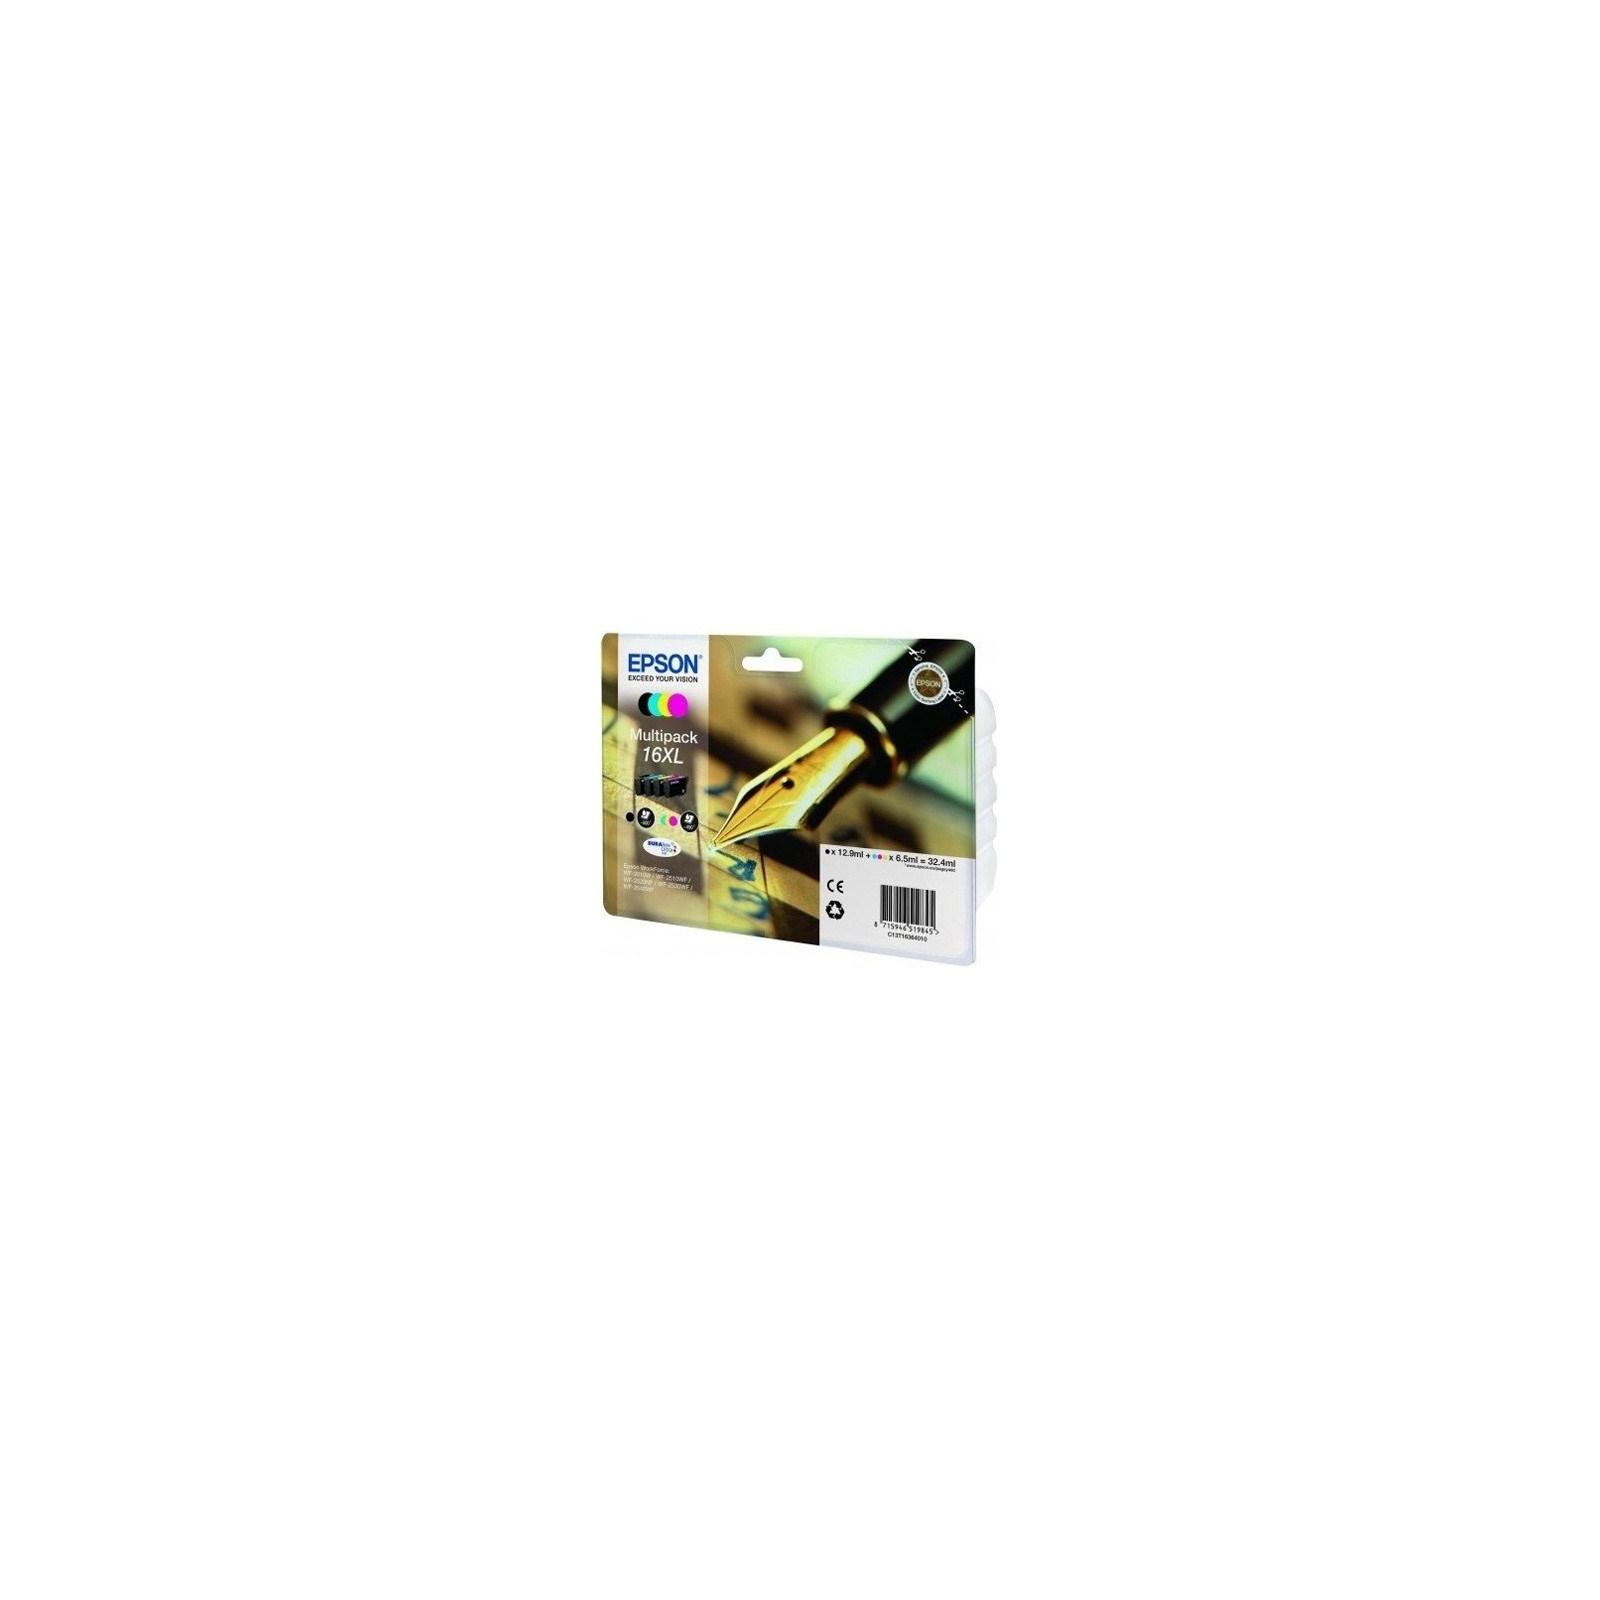 Картридж EPSON 16XL WF-2010 Bundle (C,M,Y,Bk) (C13T16364010)